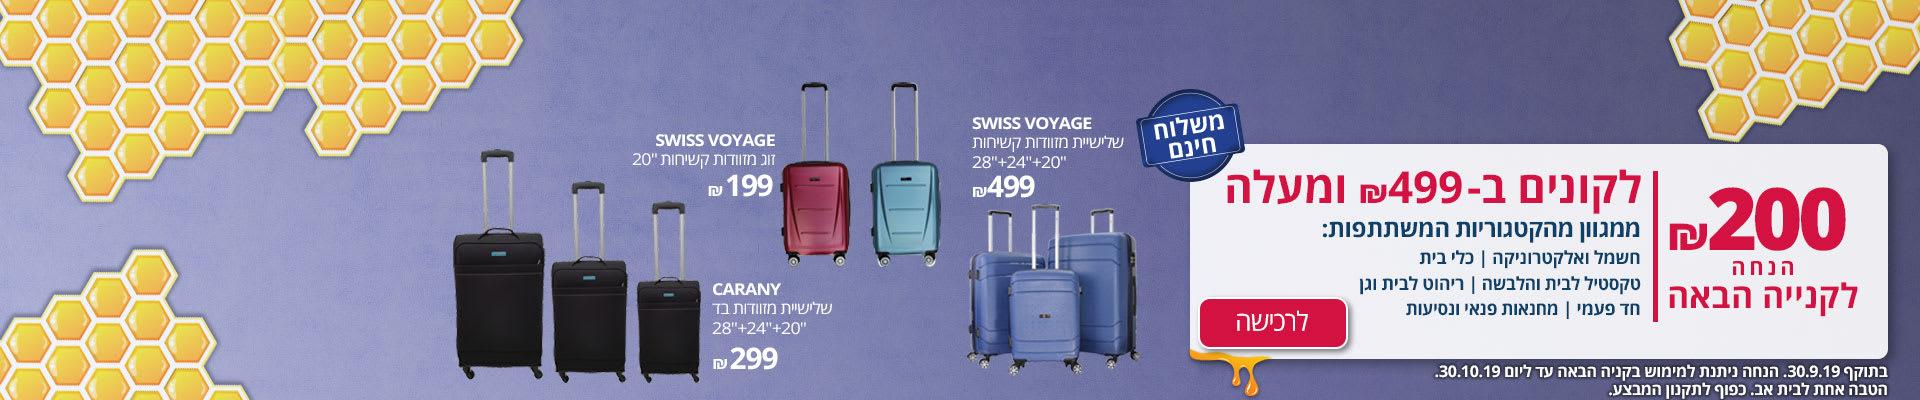 """זוג מזוודות קשיחות 20"""" SWISS VOYAGE 199 ₪ , שלישיית מזוודות בד 28""""+24""""+20"""" CARANY 299 ₪ , שלישיית מזוודות קשיחות 28""""+24""""+20"""" SWISS VOYAGE 499 ₪ . וגם 200 ₪ הנחה לקנייה הבאה לקונים ב- 499 ₪ ומעלה. בתוקף 30.9.19. כפוף לתקנון המבצע"""